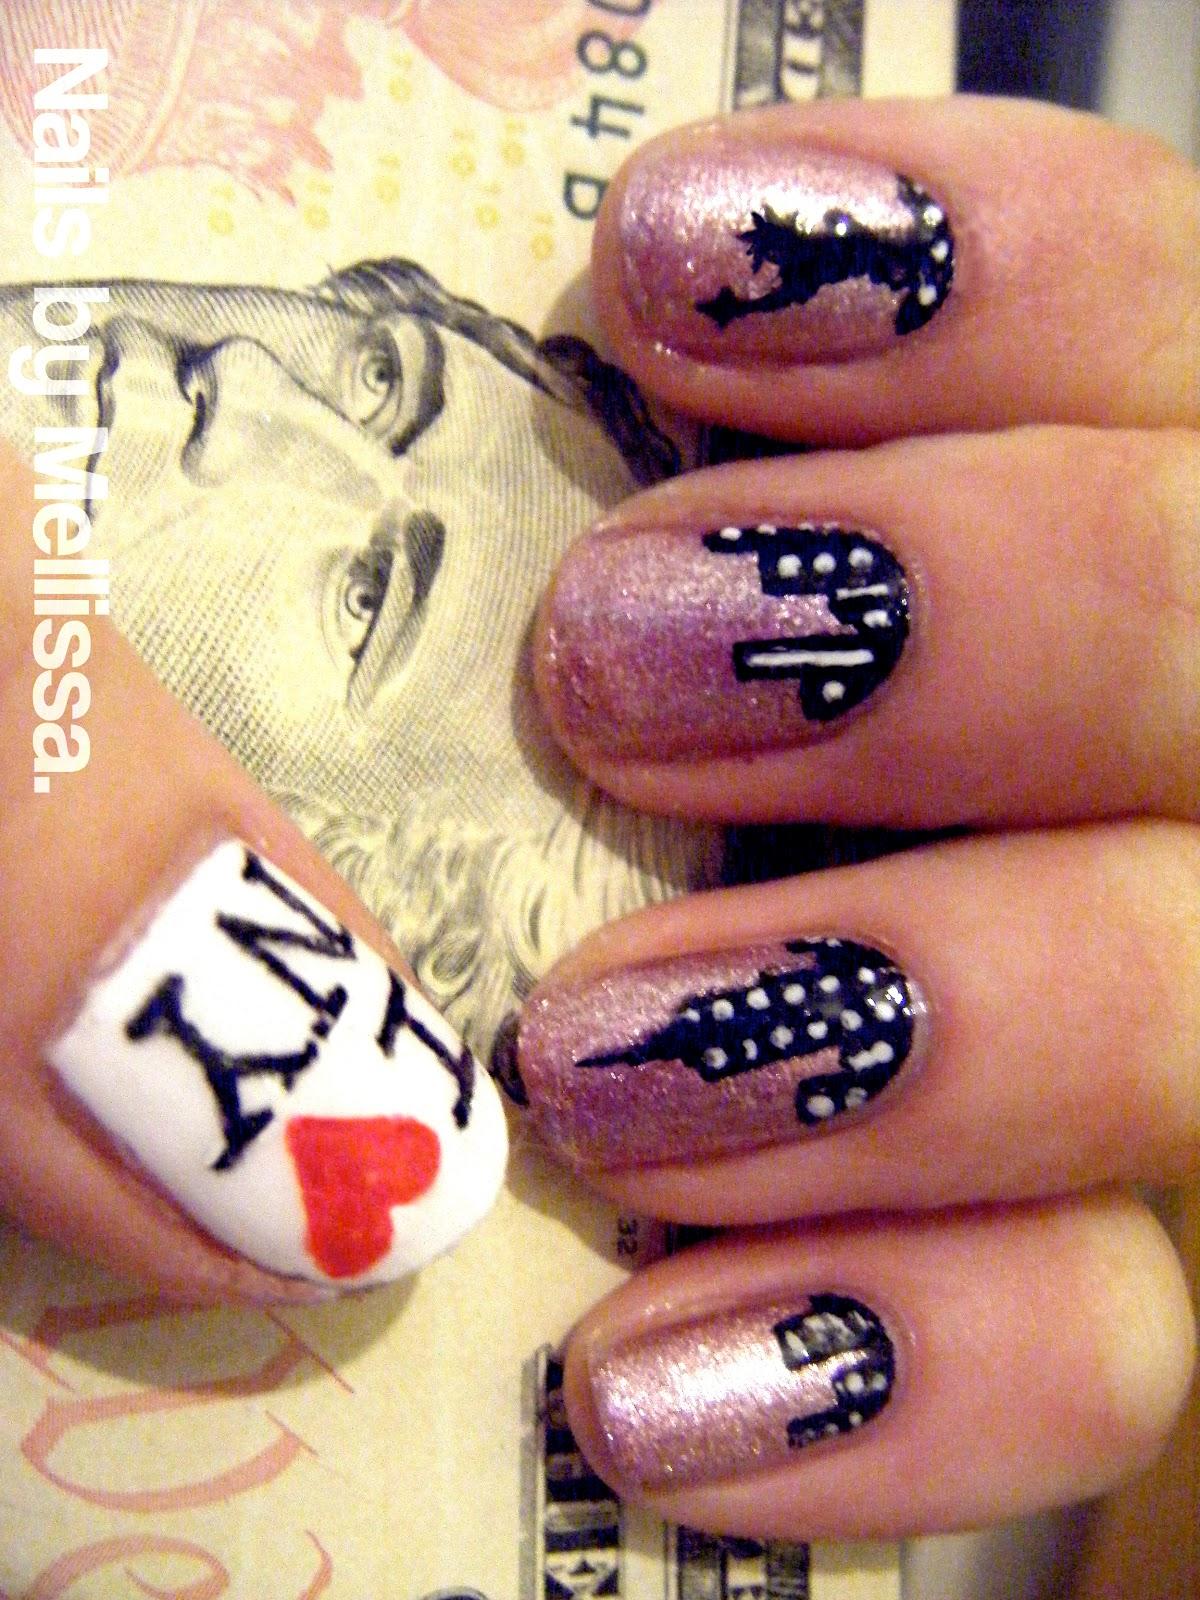 New York Nail Designs | Nail Designs, Hair Styles, Tattoos and ...